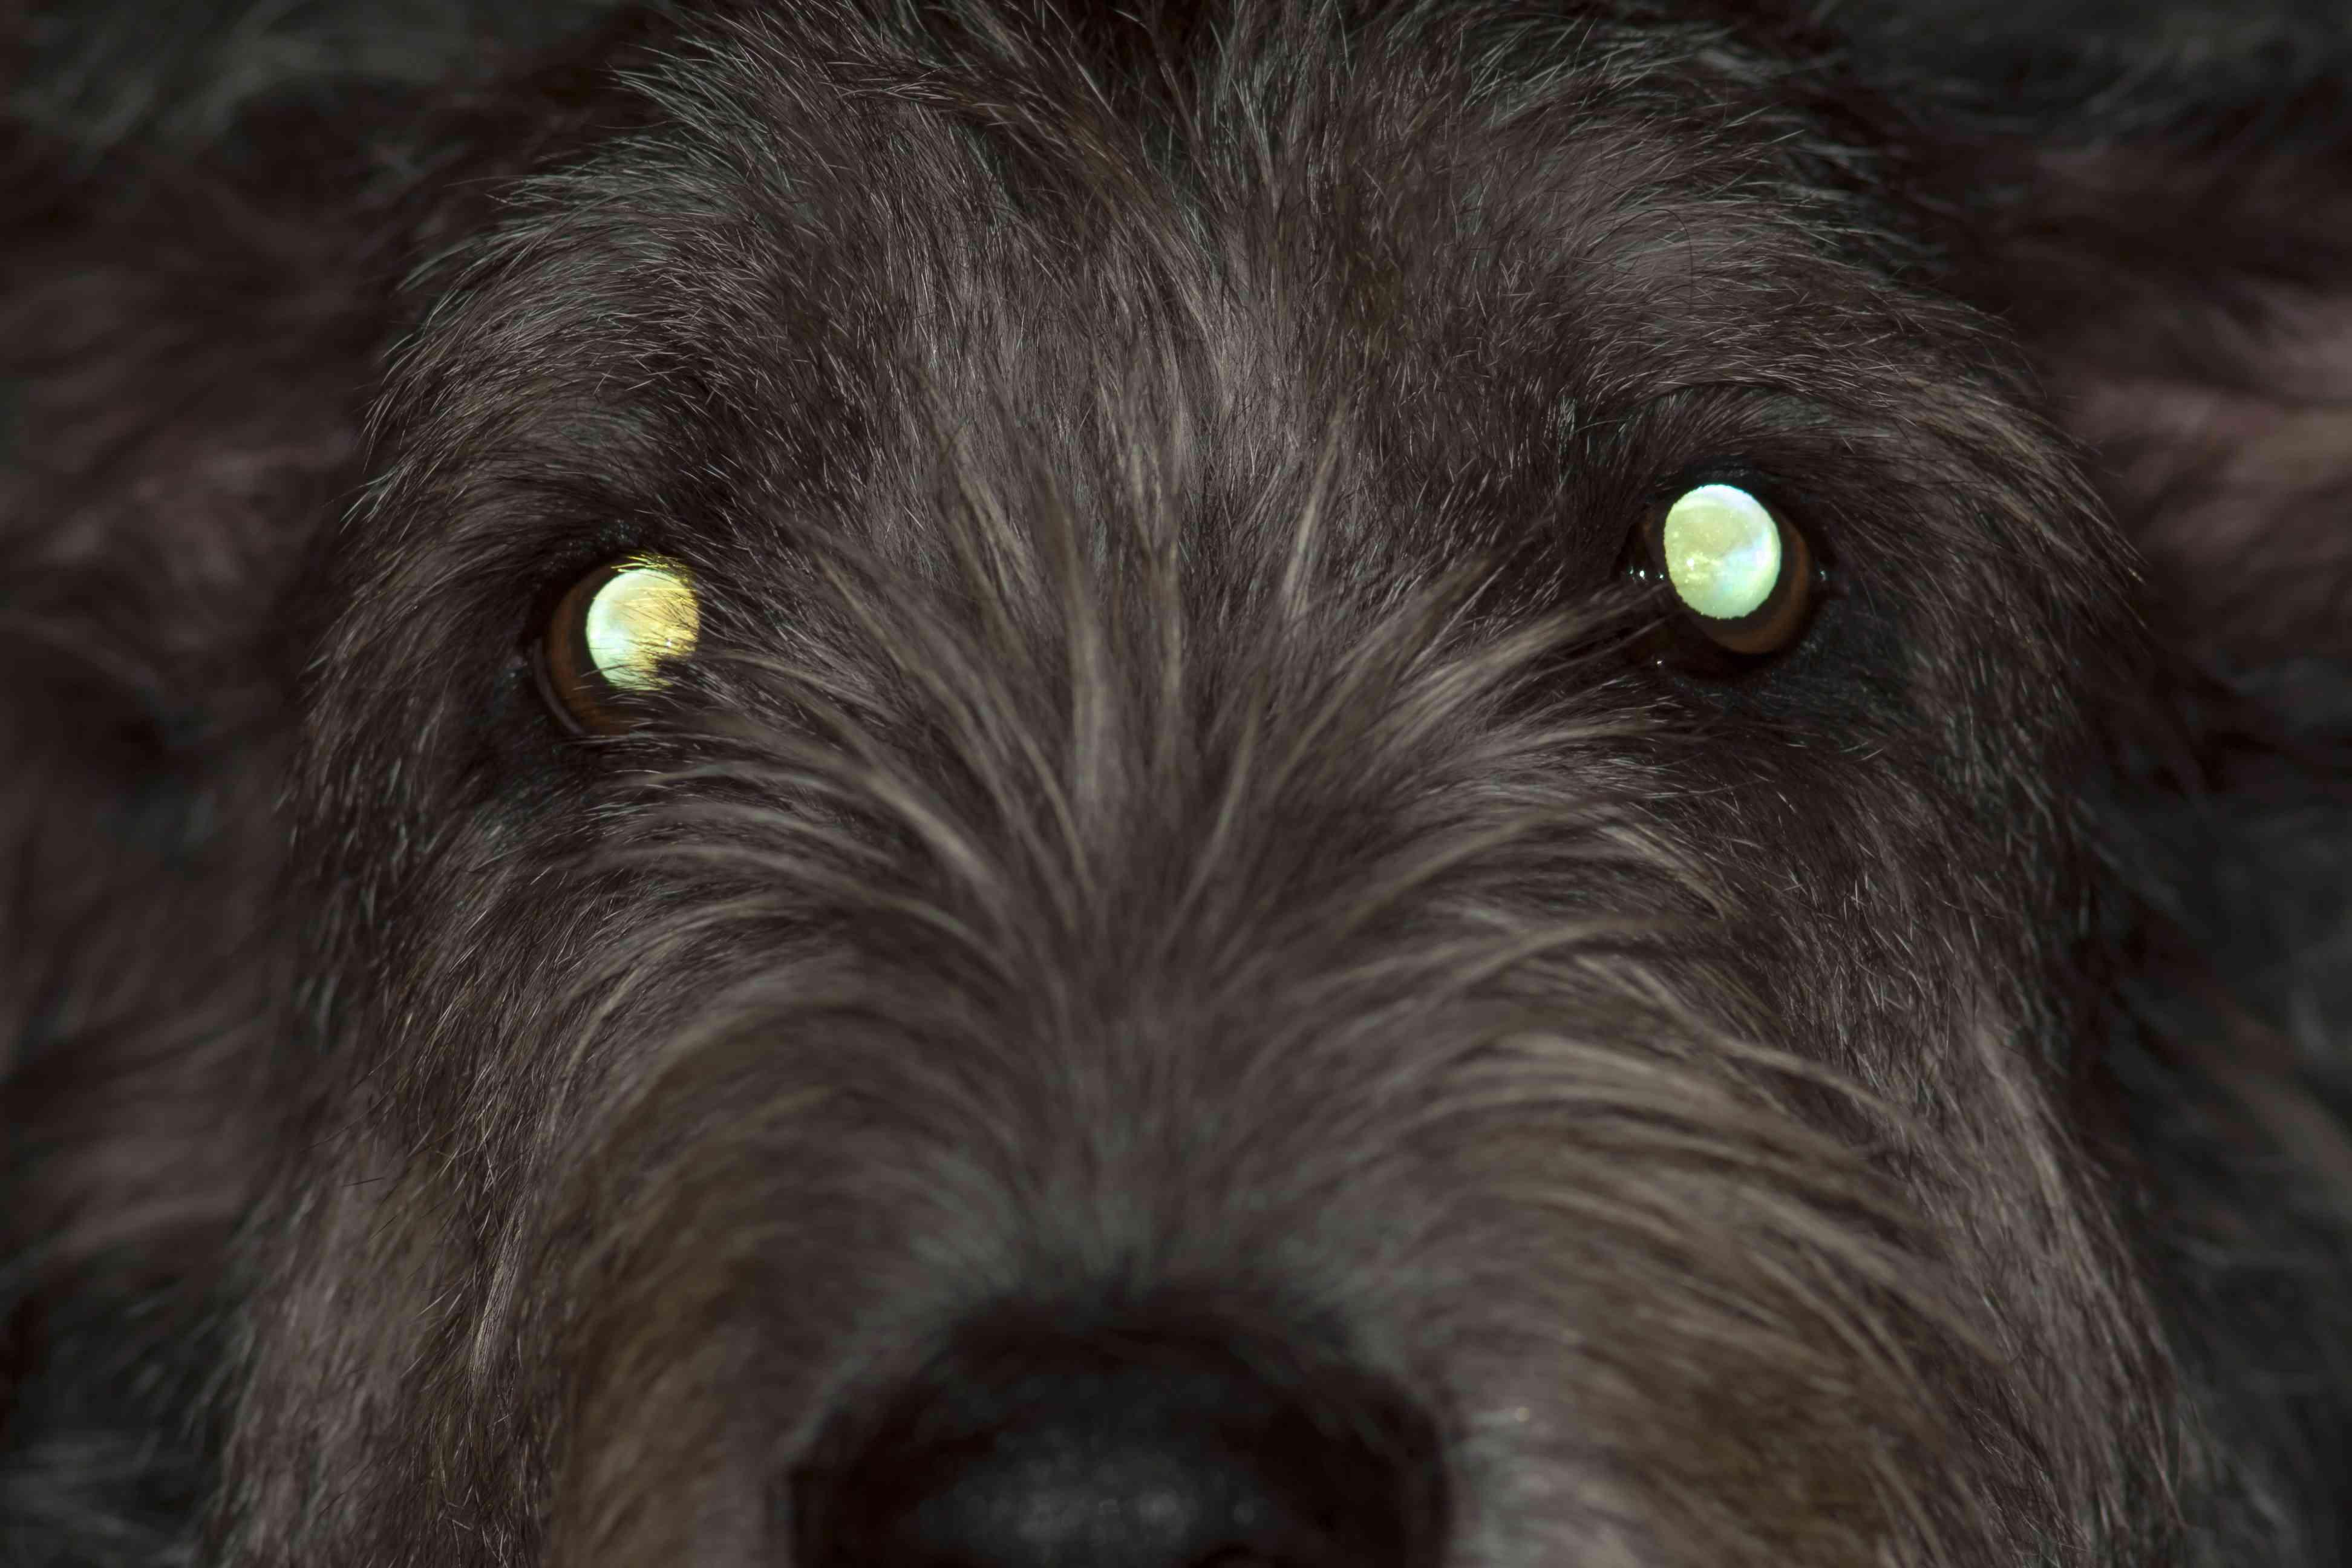 tapetum lucidum dog night vision